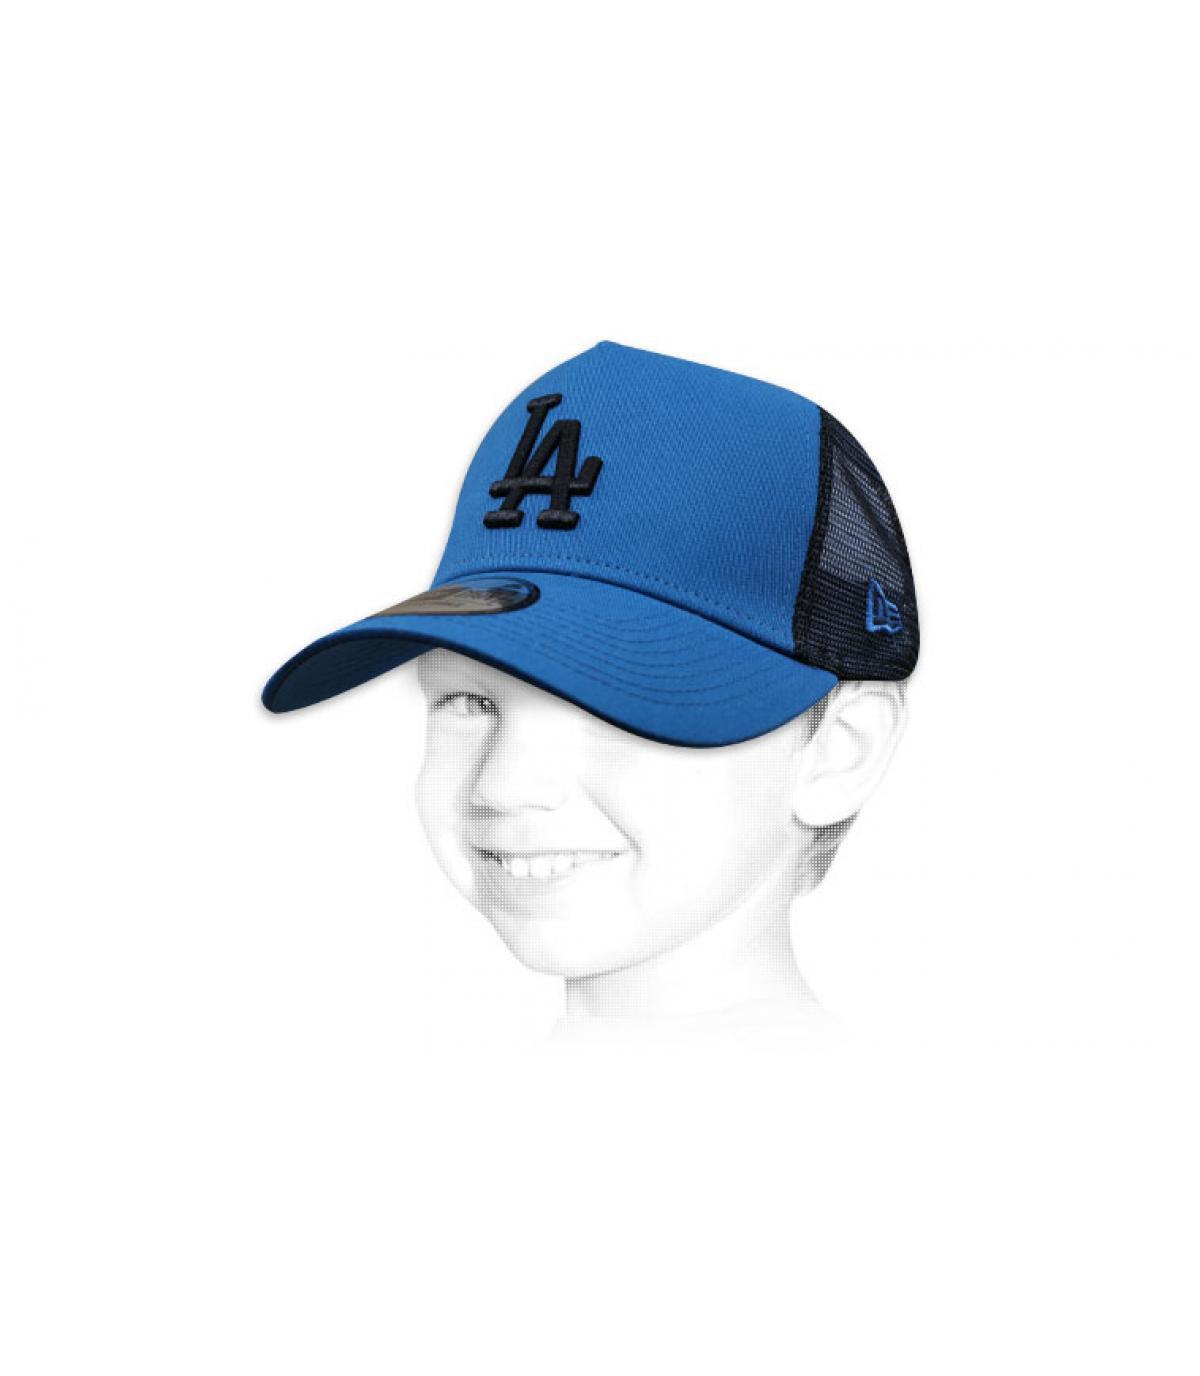 LA blauwe trucker kind